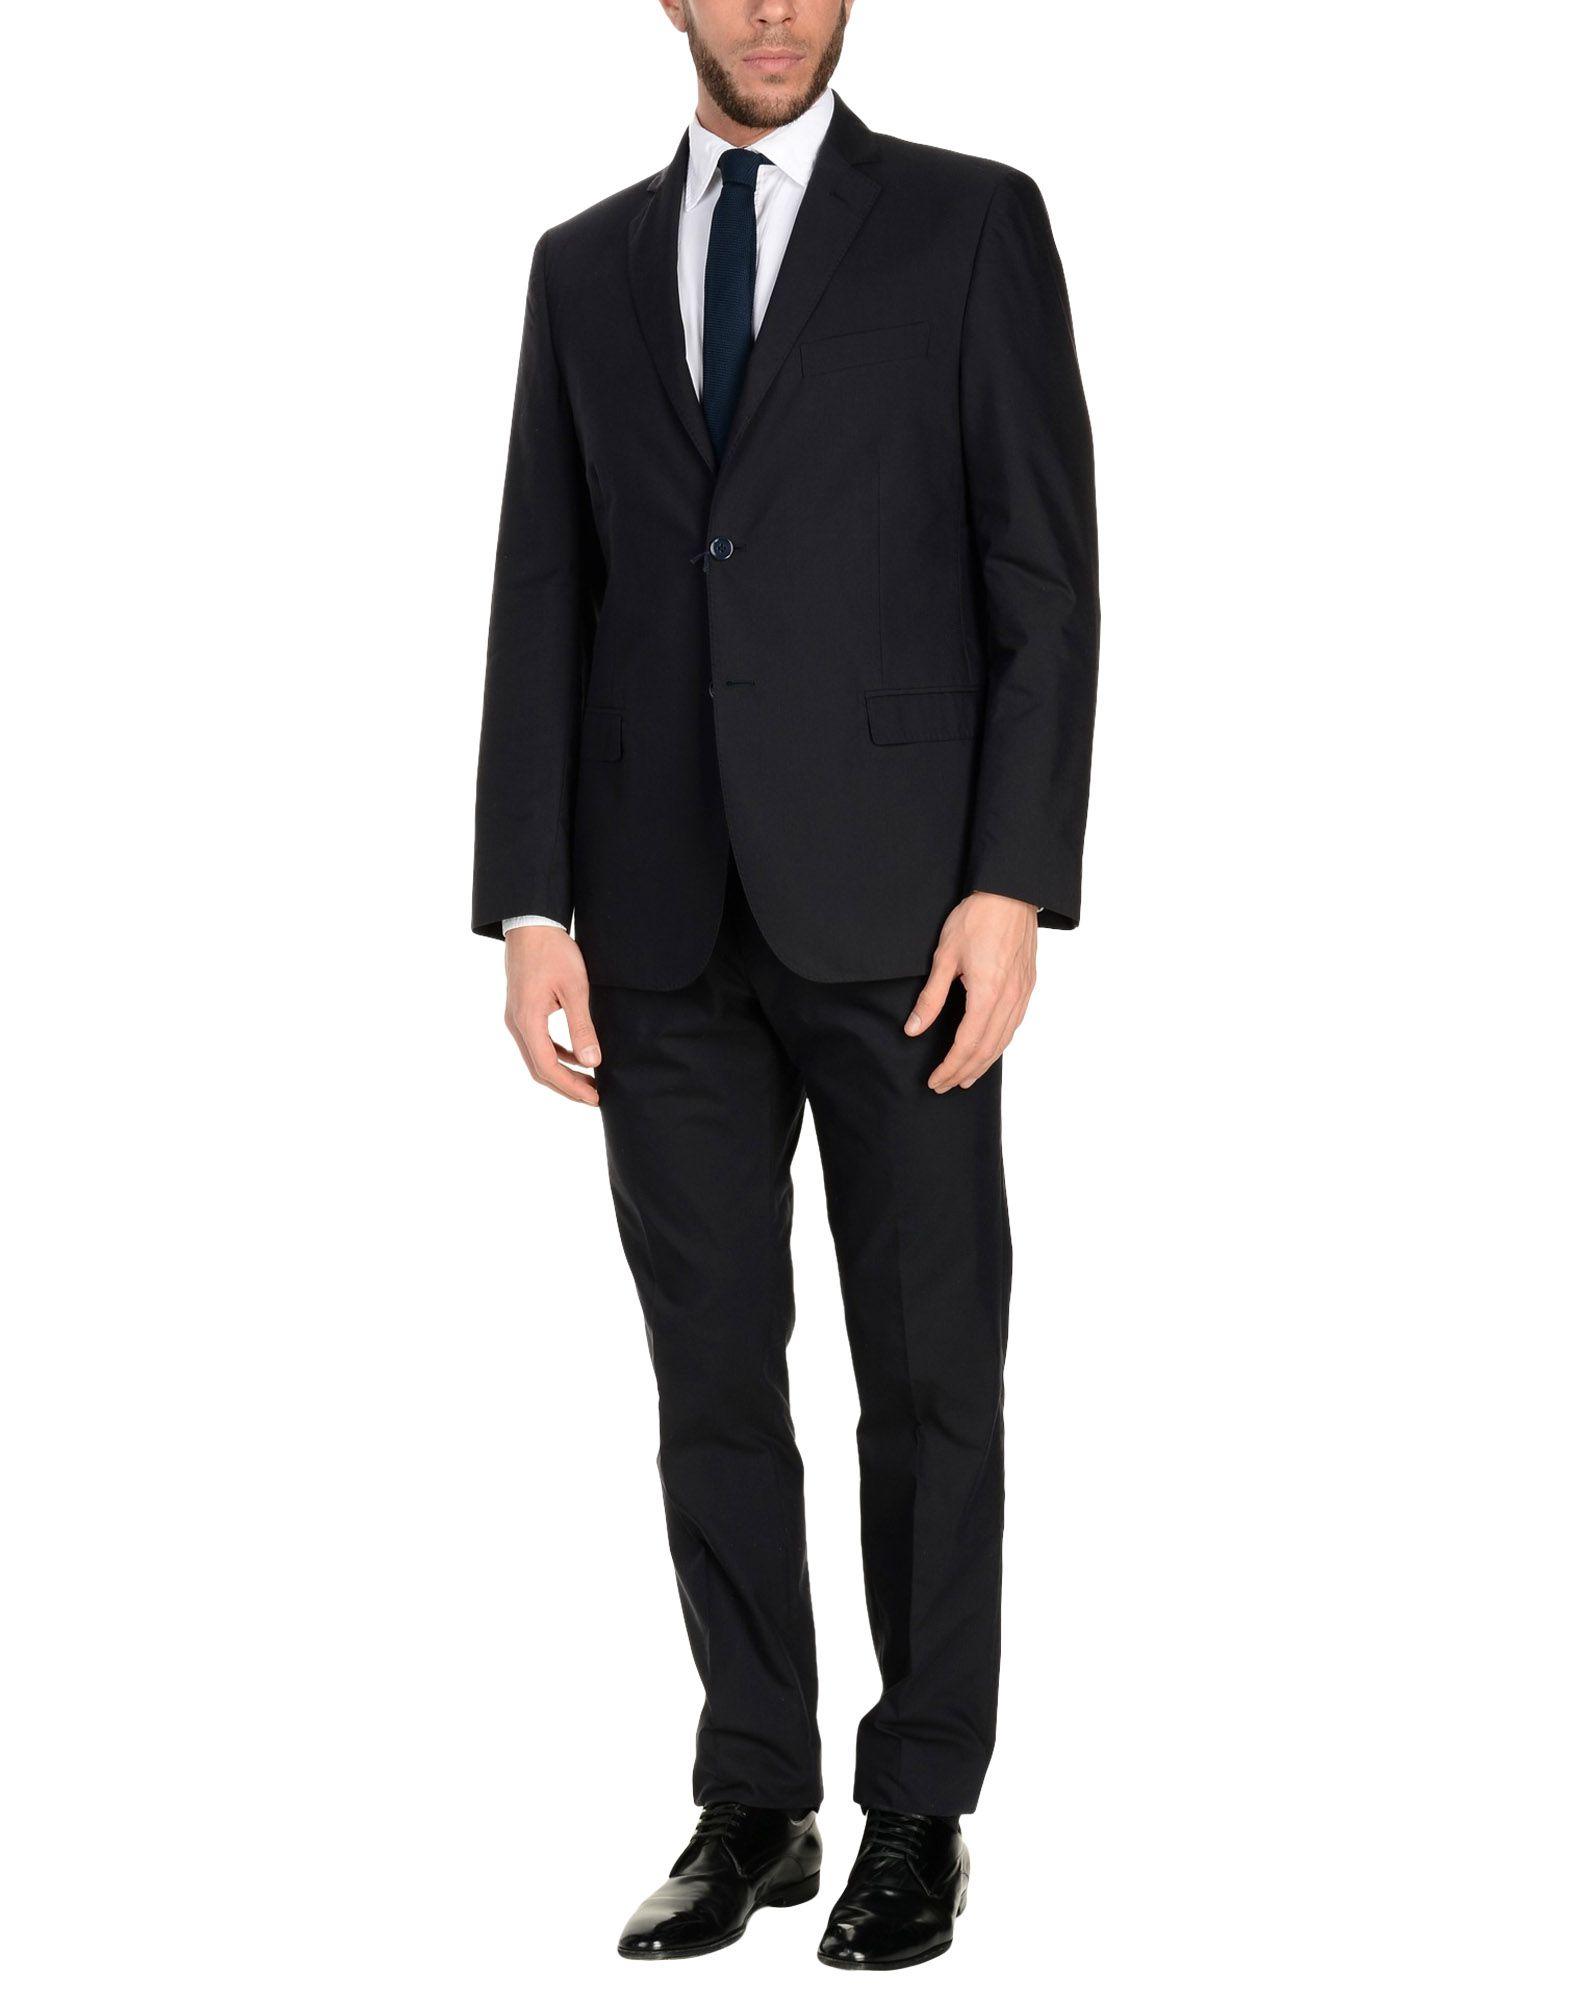 MONTEZEMOLO Suits in Dark Blue